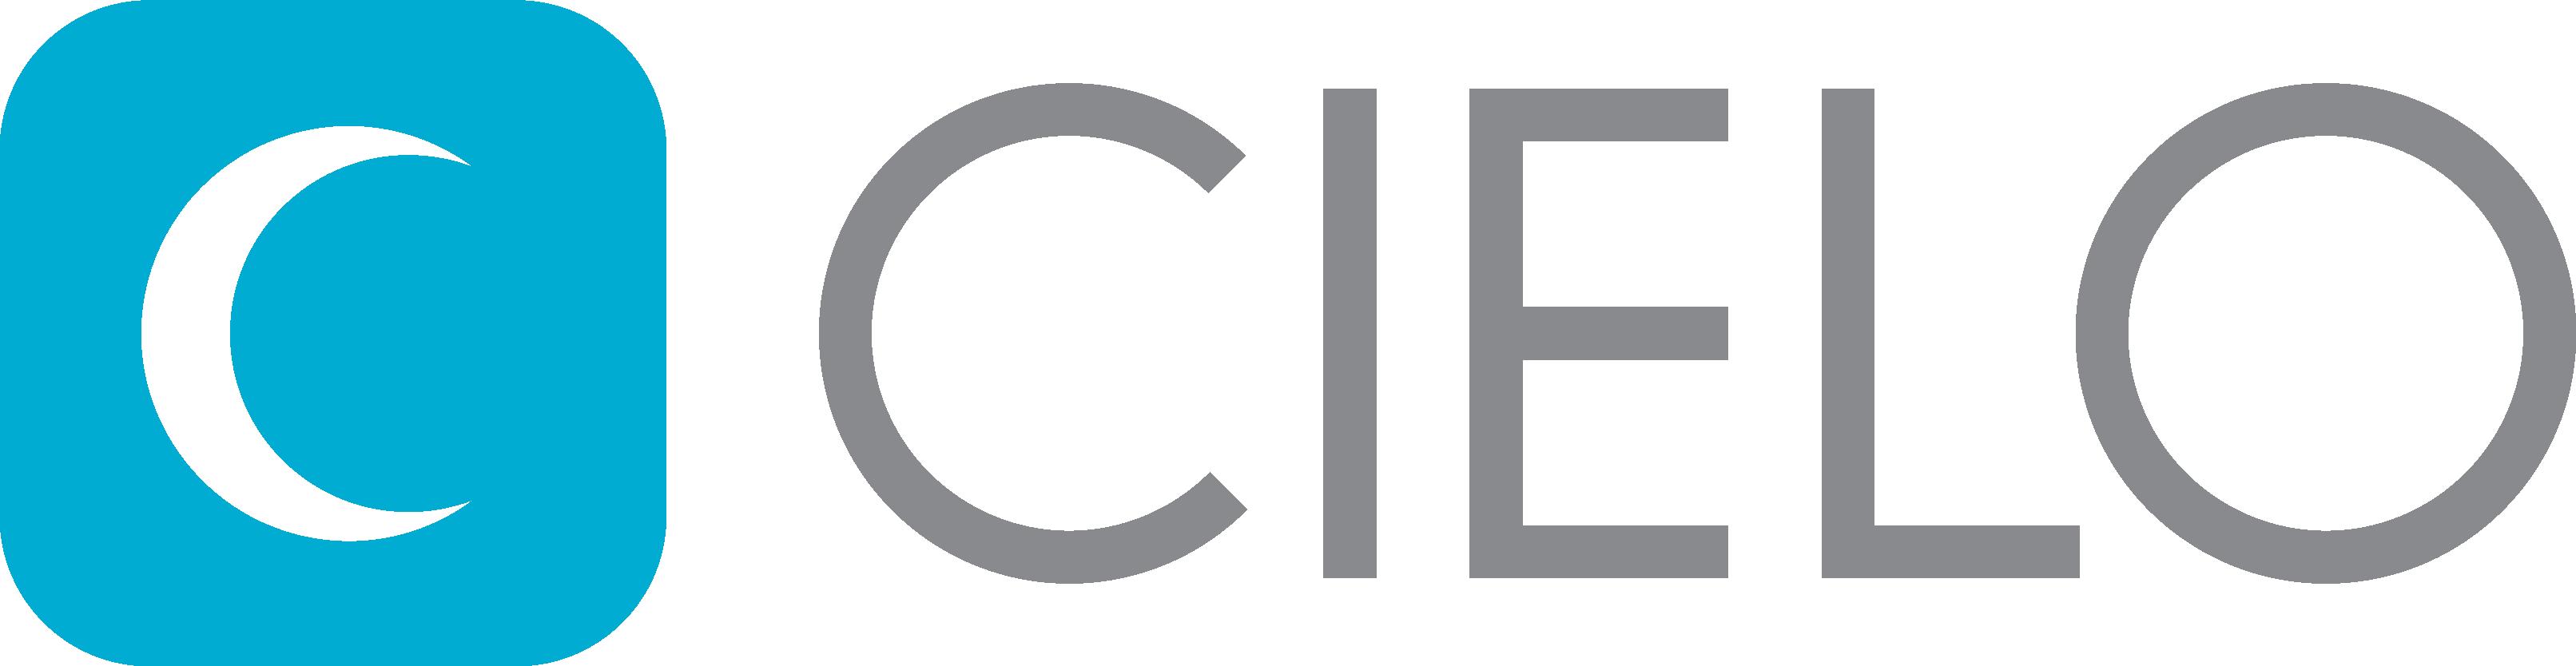 Cielo company logo